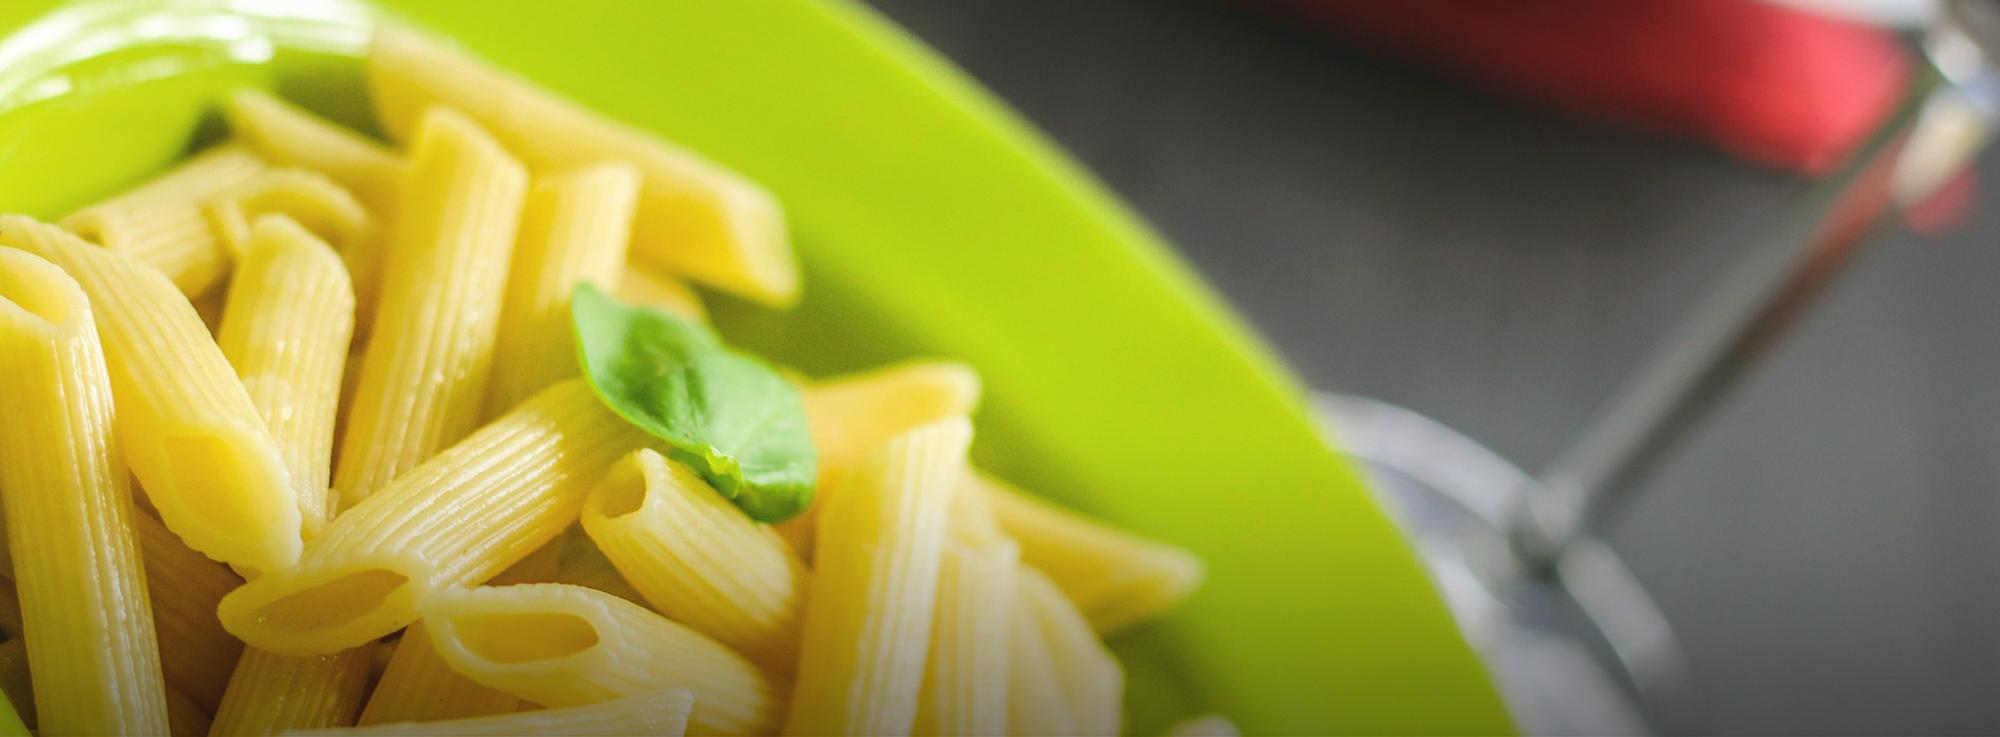 Ricetta: Pasta Ricotta e Limone